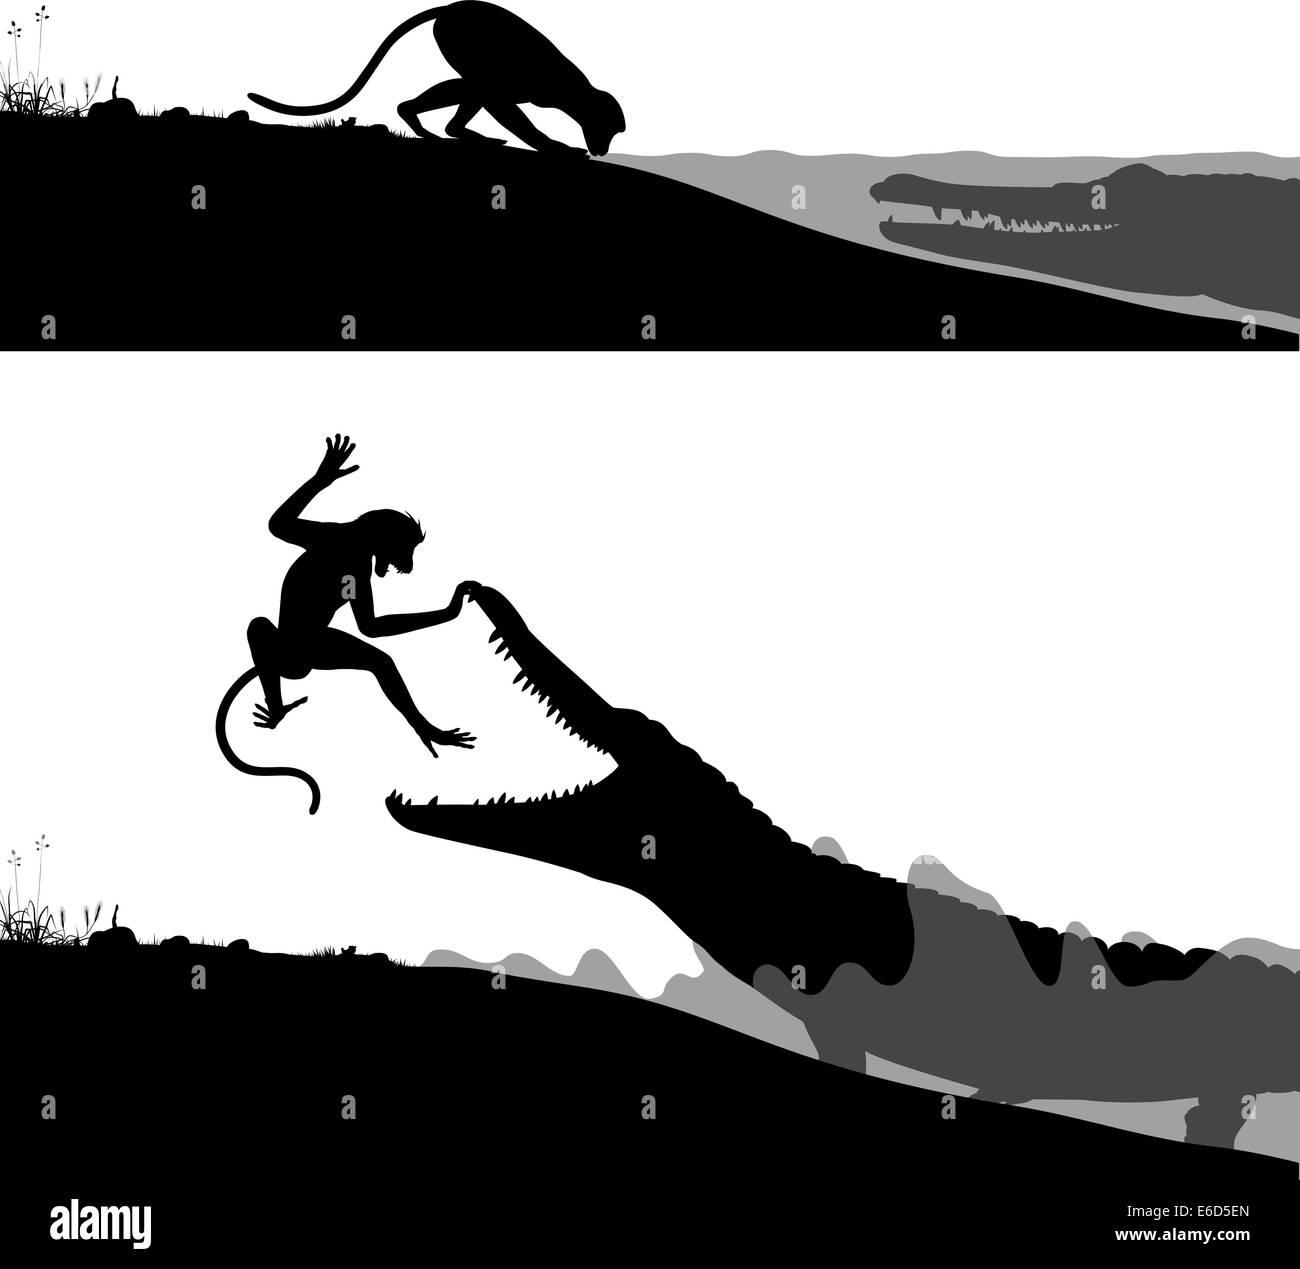 Editierbare Vector Silhouetten von einem Krokodil Jagd eine durstige Affe Stockbild